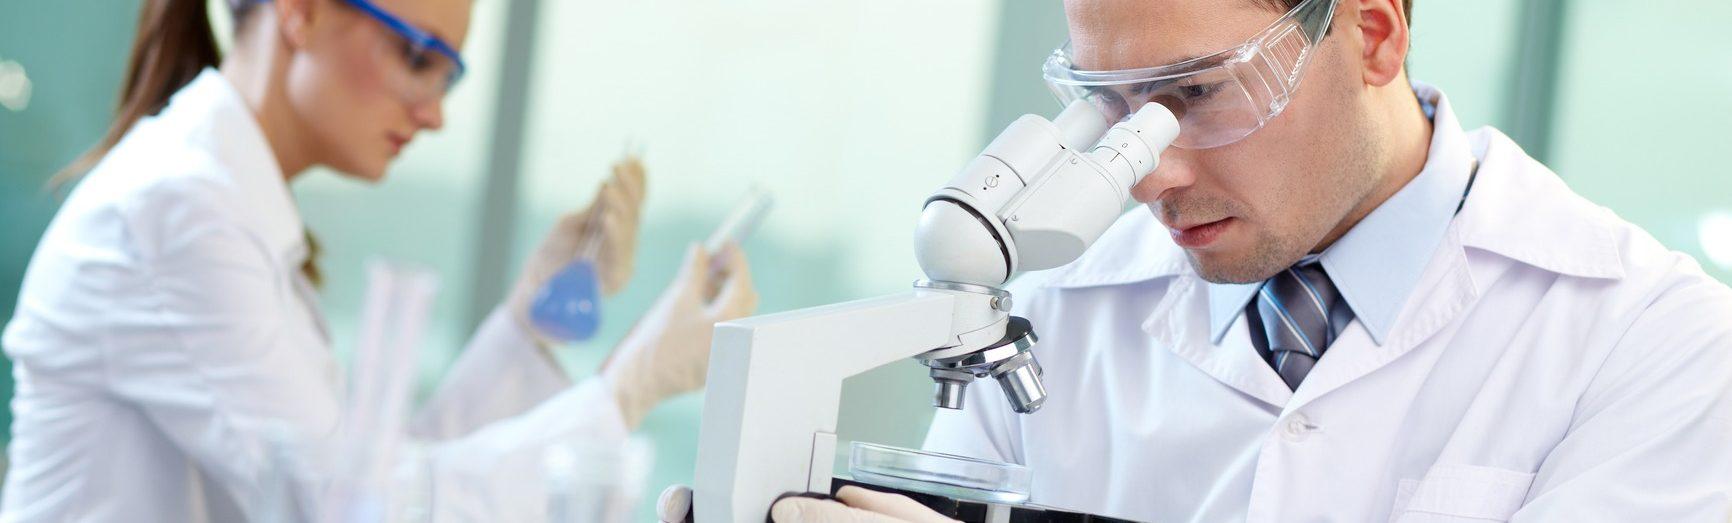 filières scientifiques MPSI et PCSI